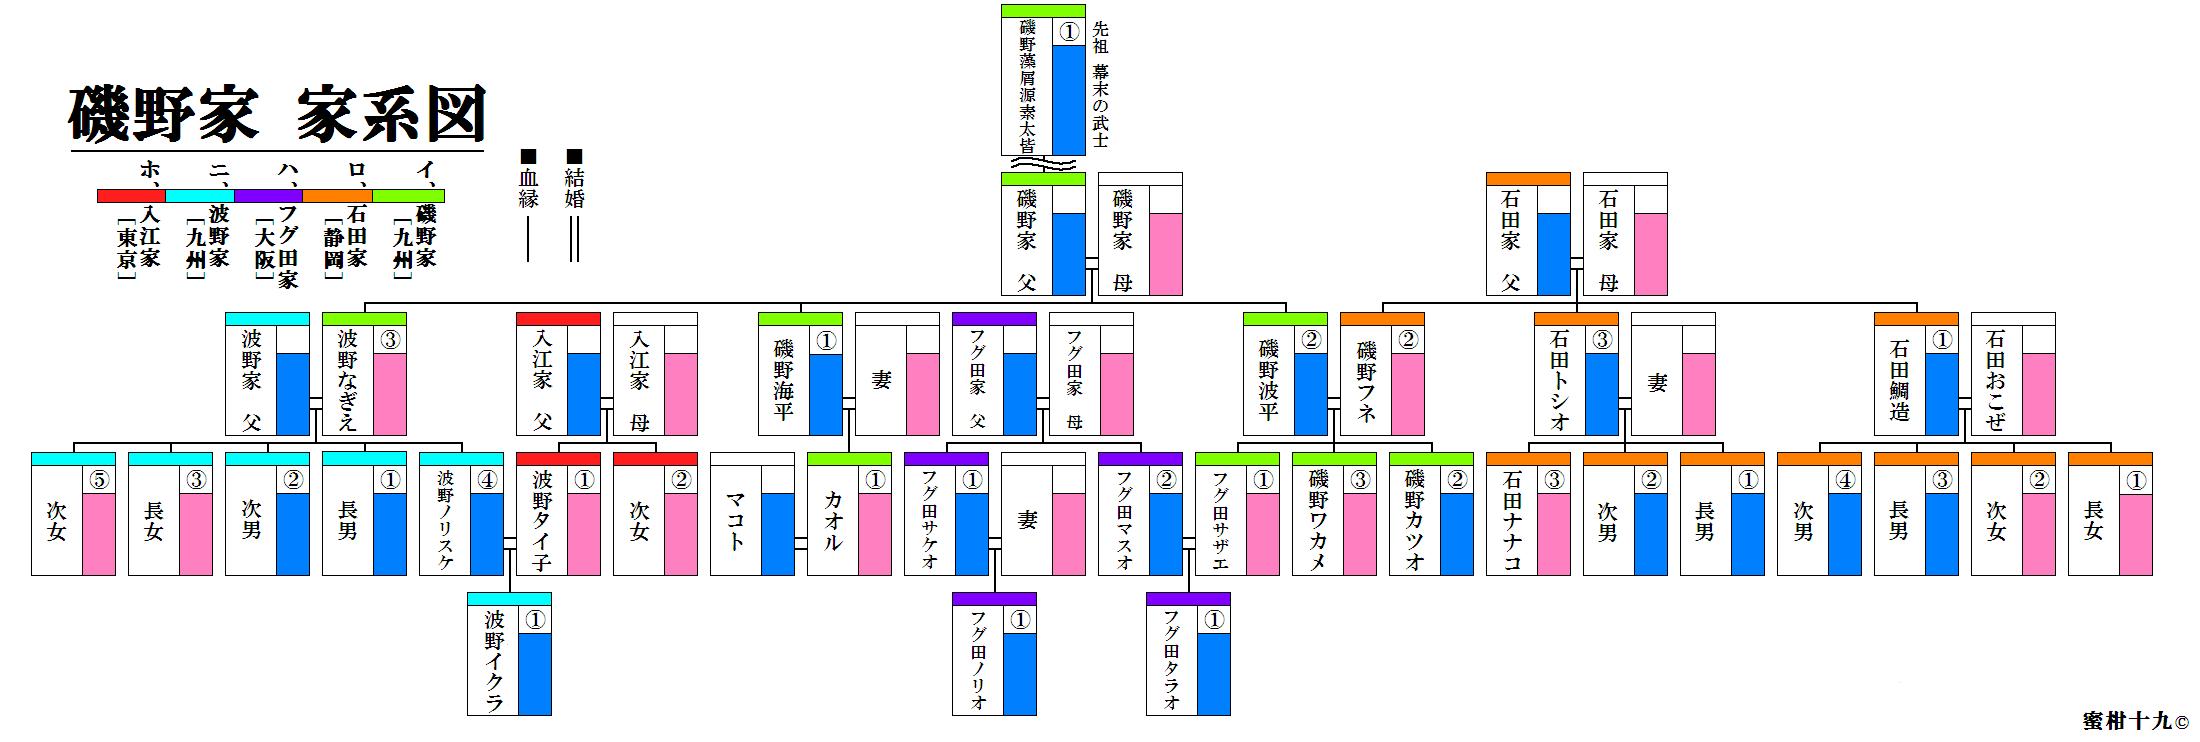 インフォグラフィック:サザエさんの登場人物を家系図で整理。ユニークな都市伝説も